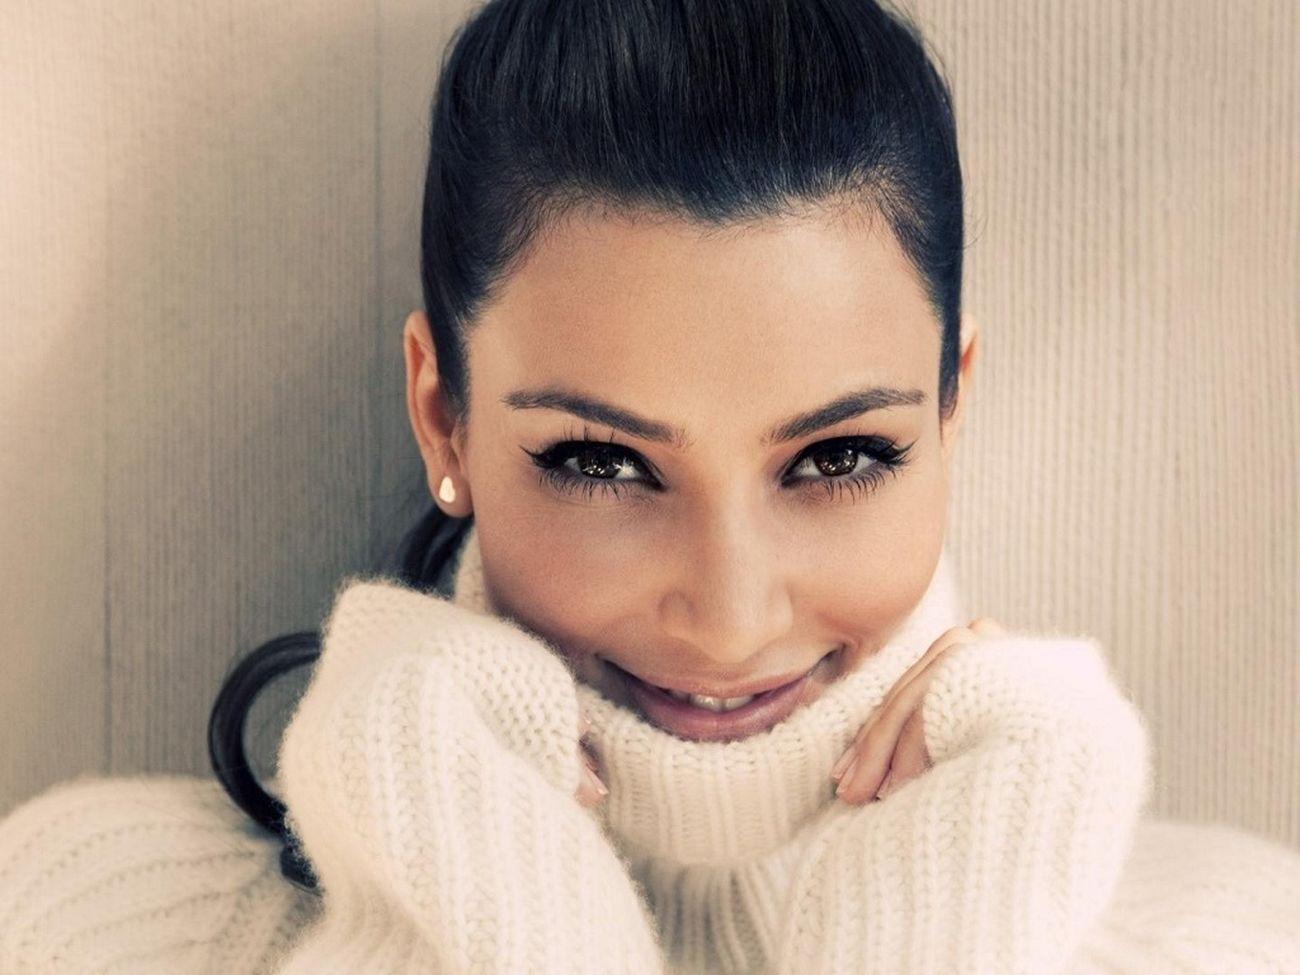 Kim Kardashian Is Gorgeous!